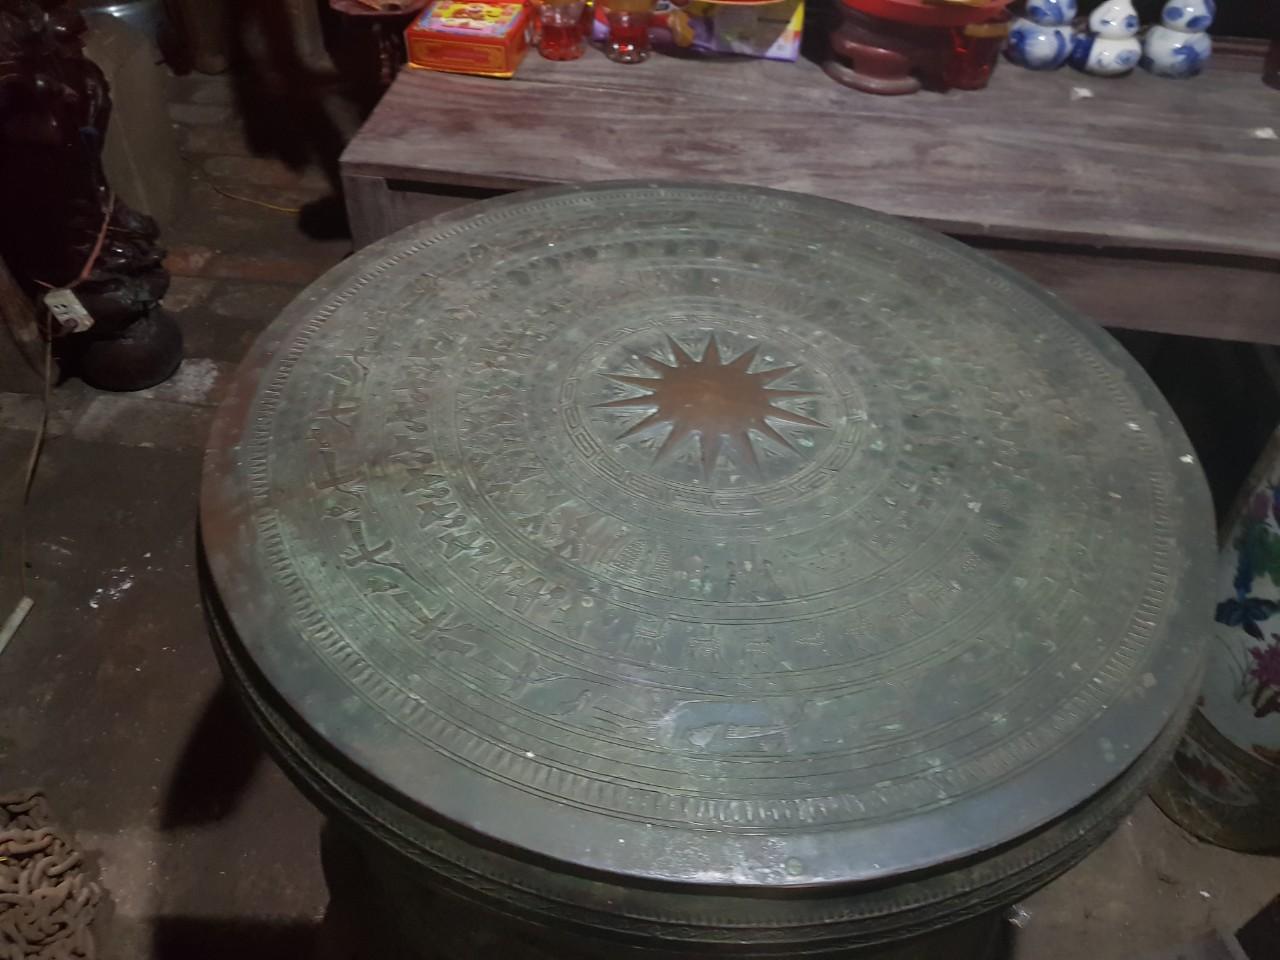 Kể chuyện làng: Chuyện về trống đồng Ngọc Lũ - biểu tượng văn hóa làng tôi - Ảnh 2.